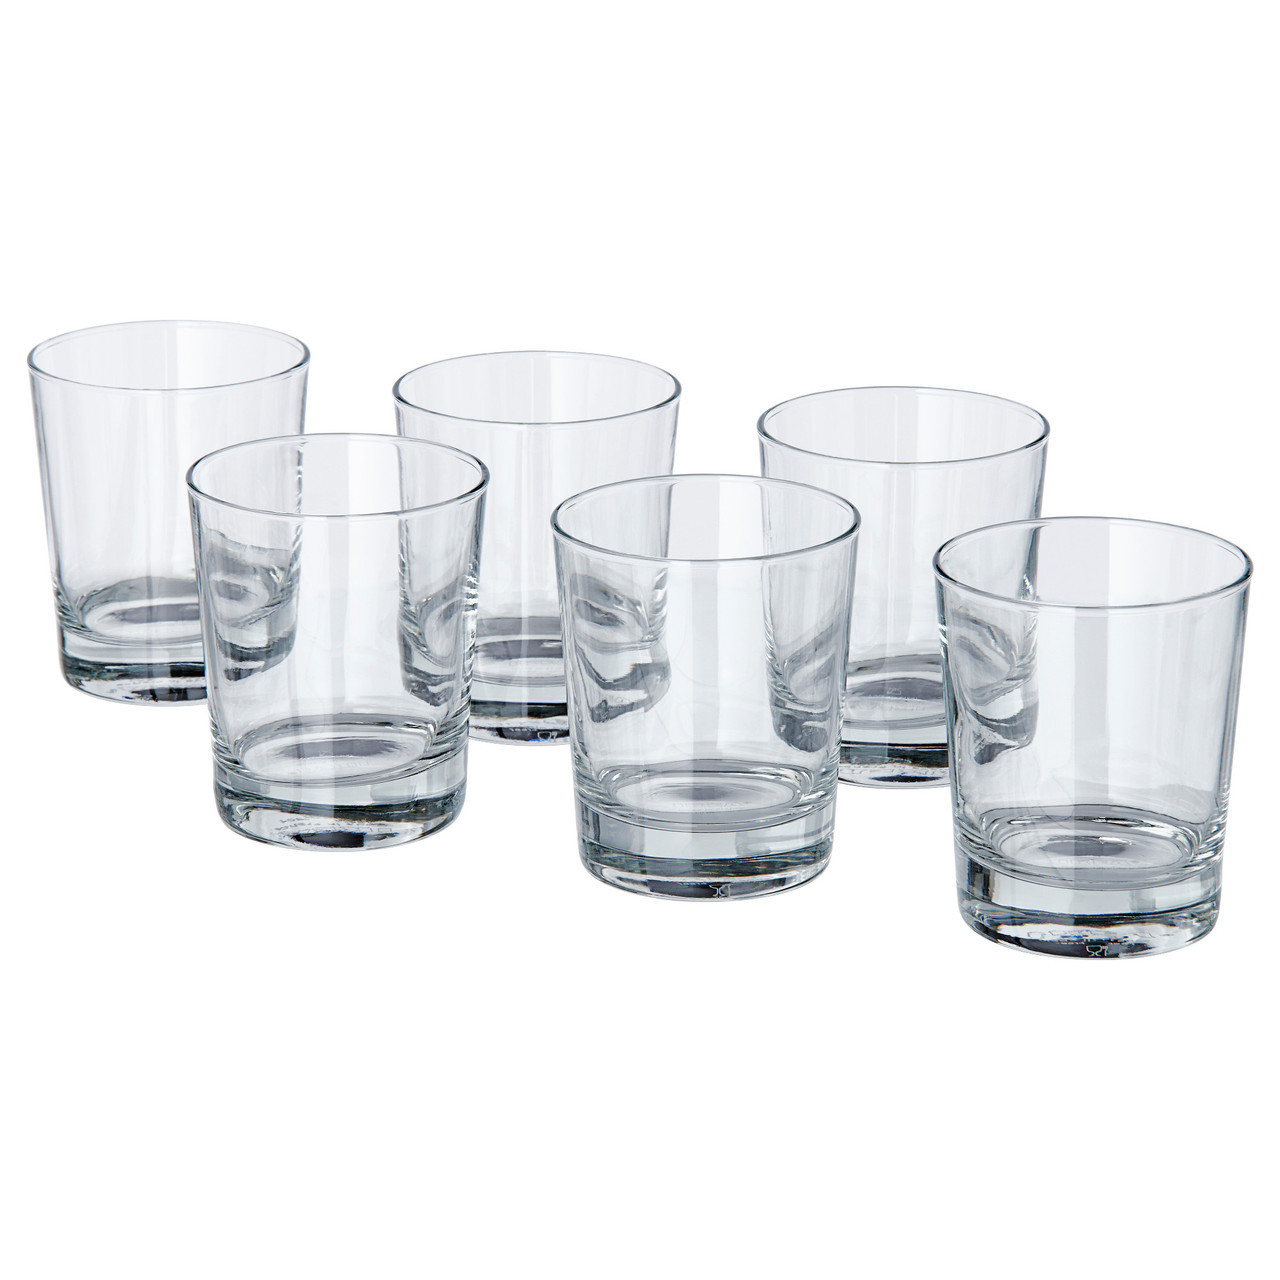 ГУДИС Стакан, прозрачное стекло, 230 мл 80092109 IKEA, ИКЕА, GODIS